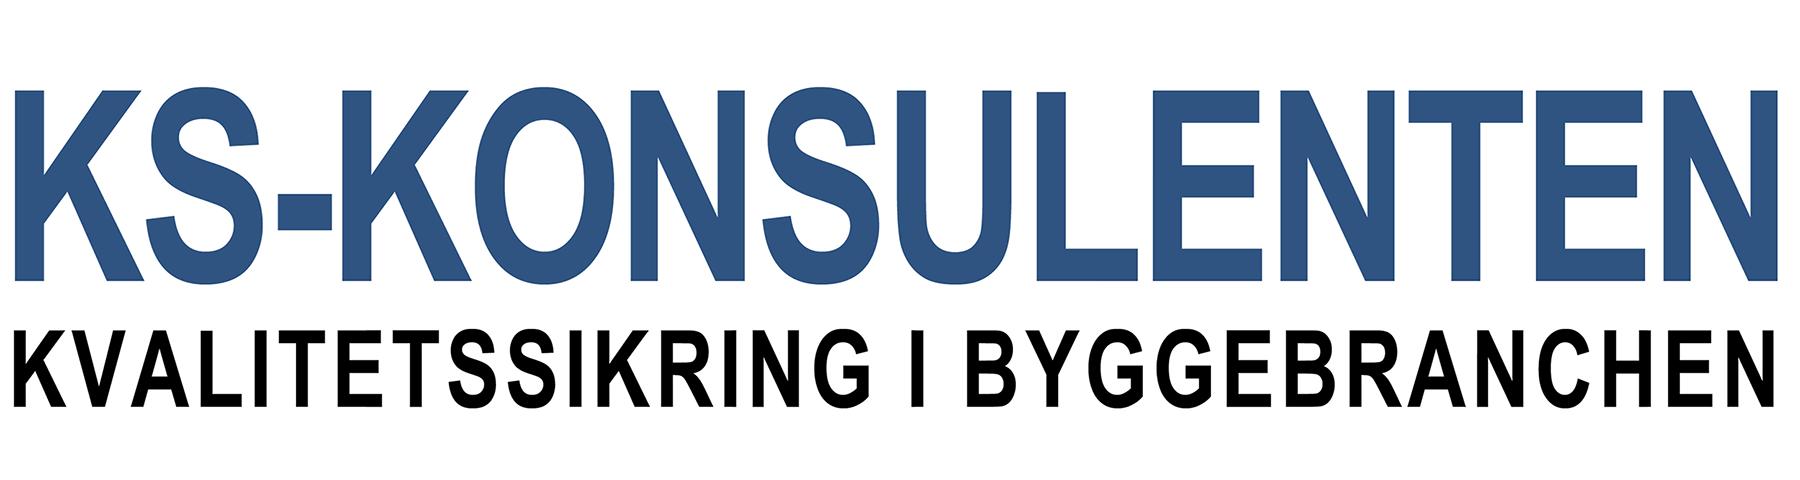 ks konsulenten logo WEB